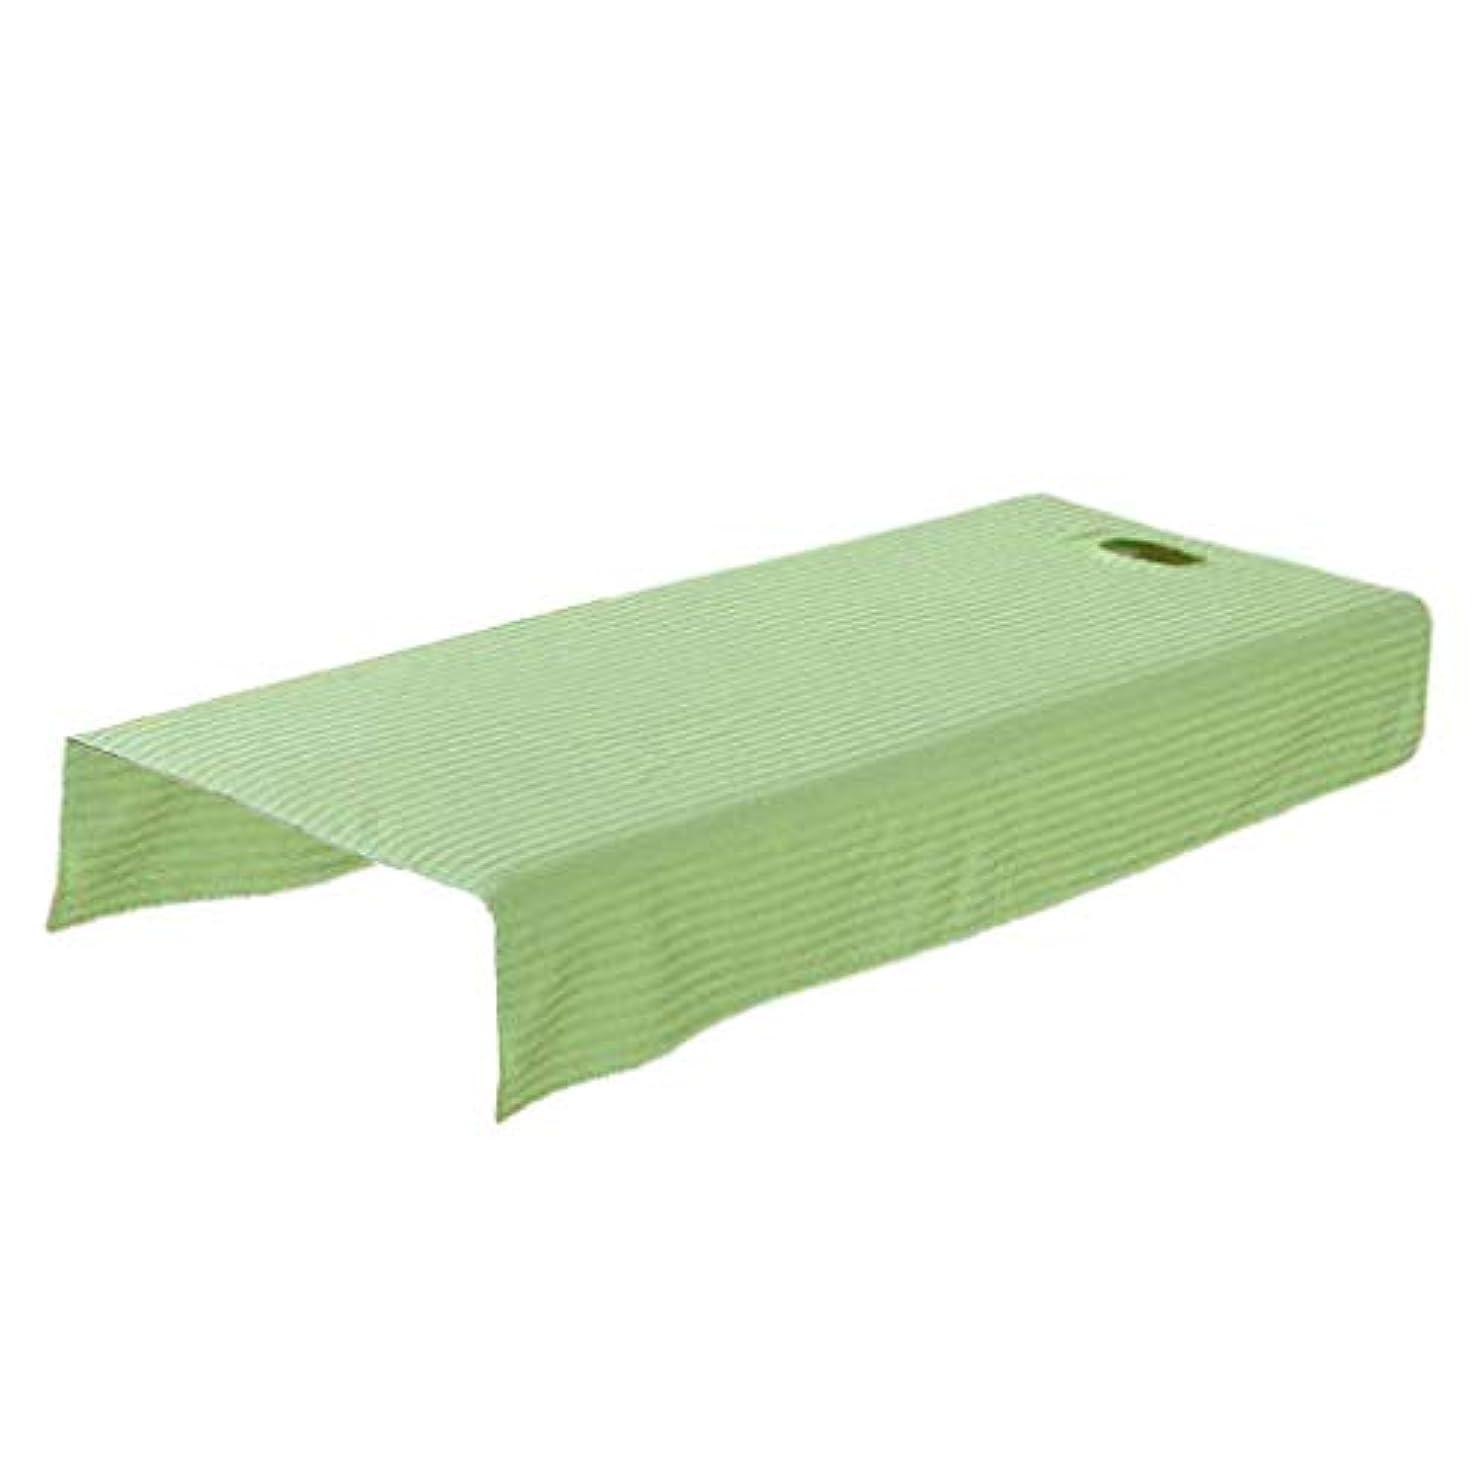 最小あごひげ専門化するマッサージベッドカバー マッサージテーブル カバー 有孔 スパベッドカバー 全2サイズ - 120x190cm